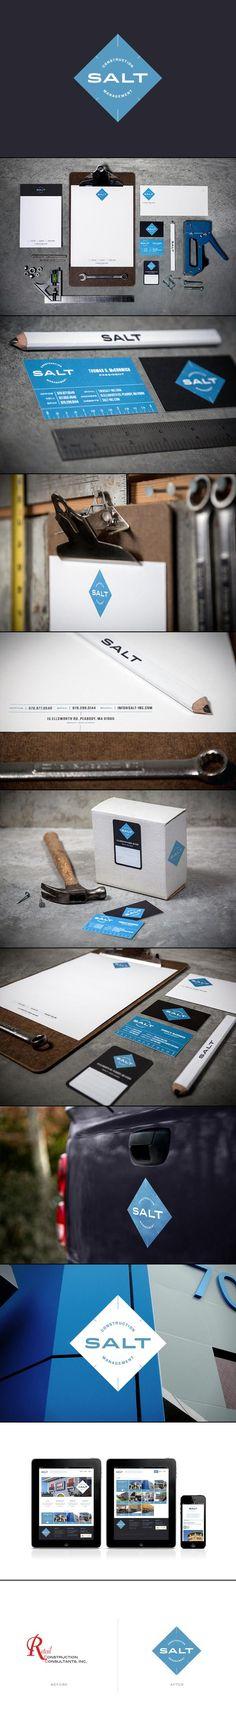 pencil, graphic design, logo, graphicdesign, salt construct